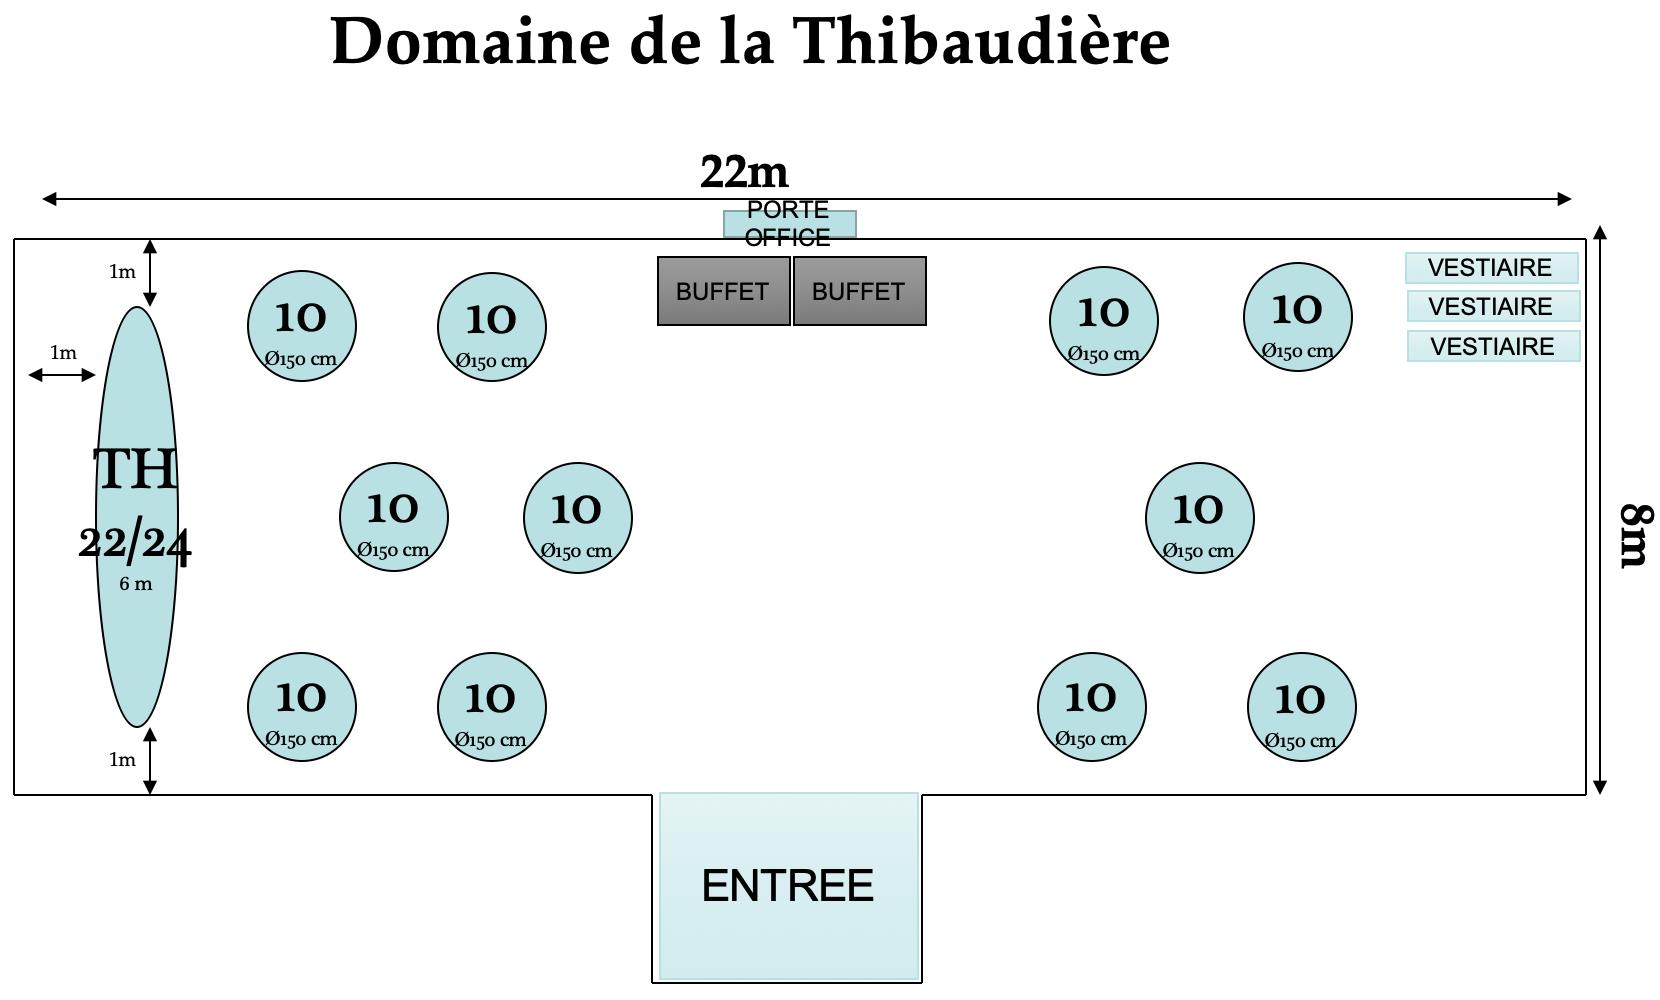 plan-de-salle-domaine-de-la-thibaudiere.jpg